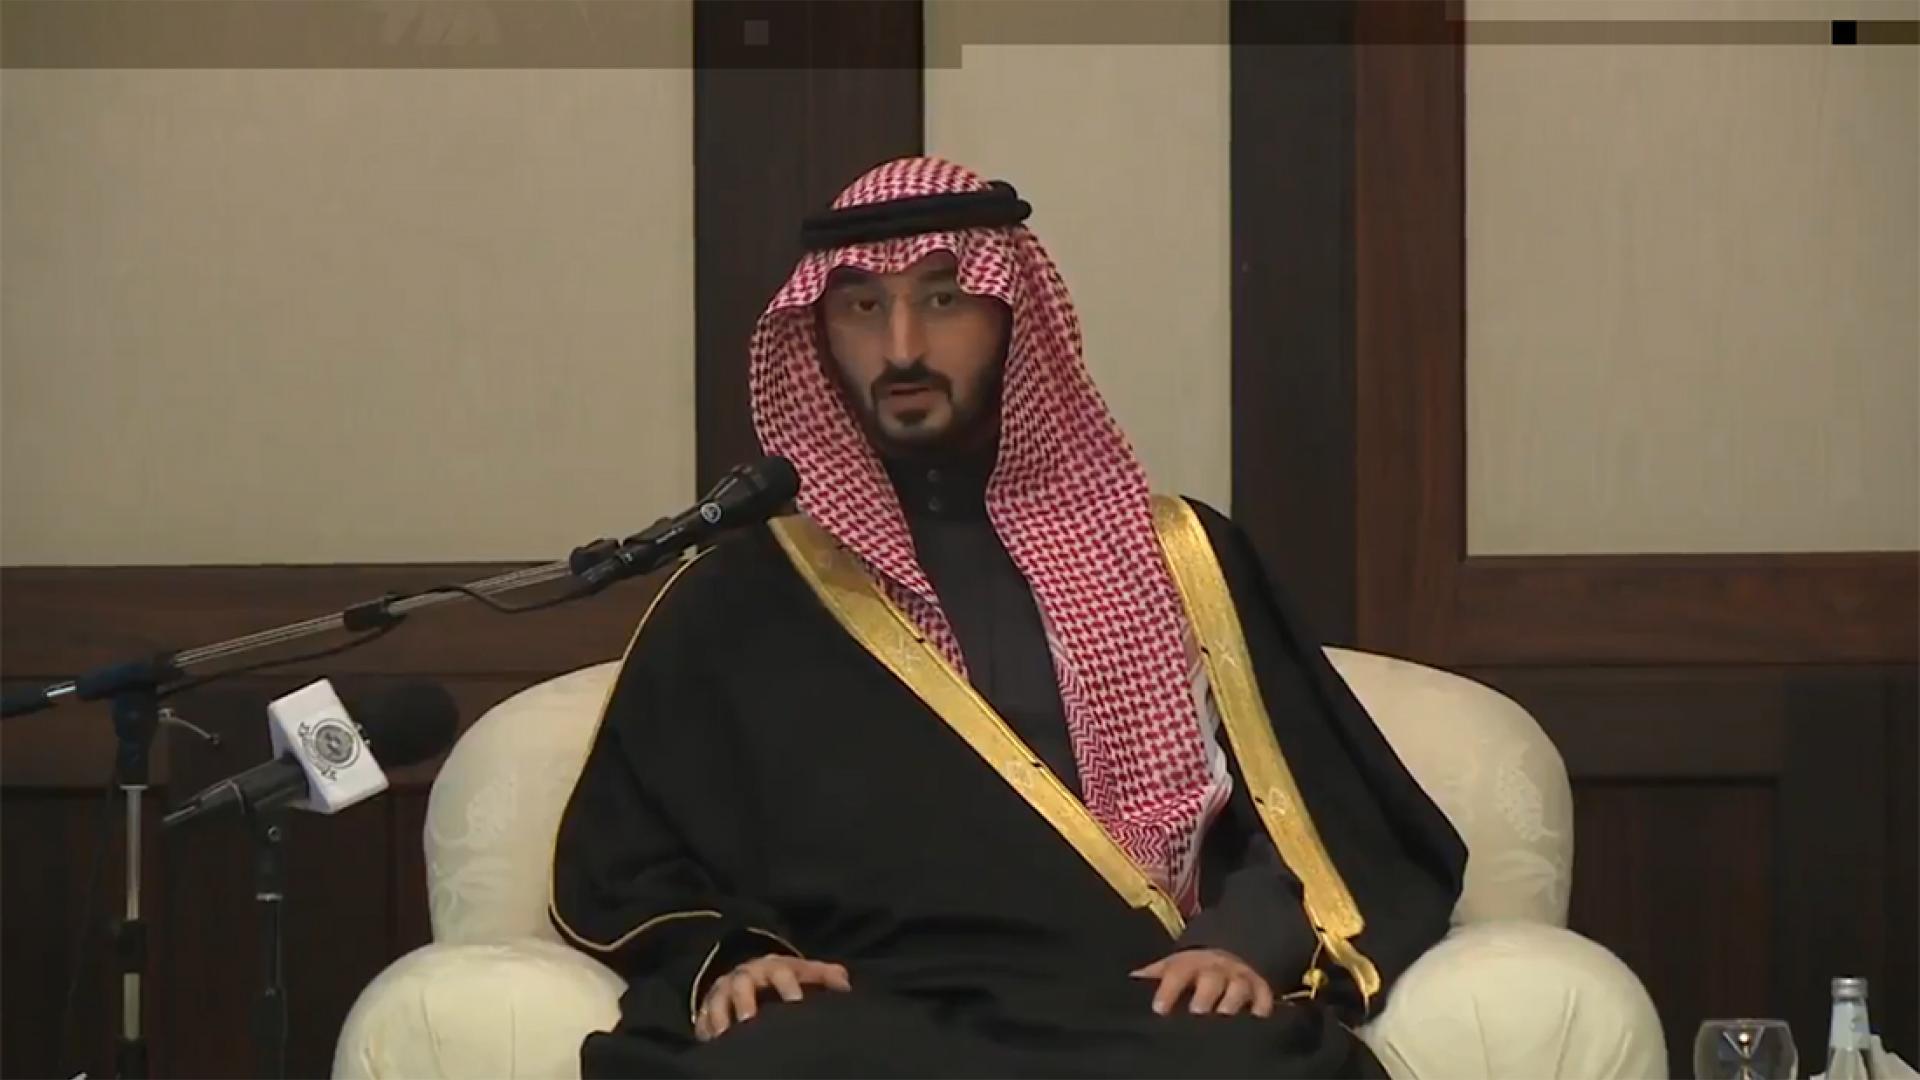 وزير الحرس الوطني السعودي الجديد يتحدث عن توجه وطموح القيادة